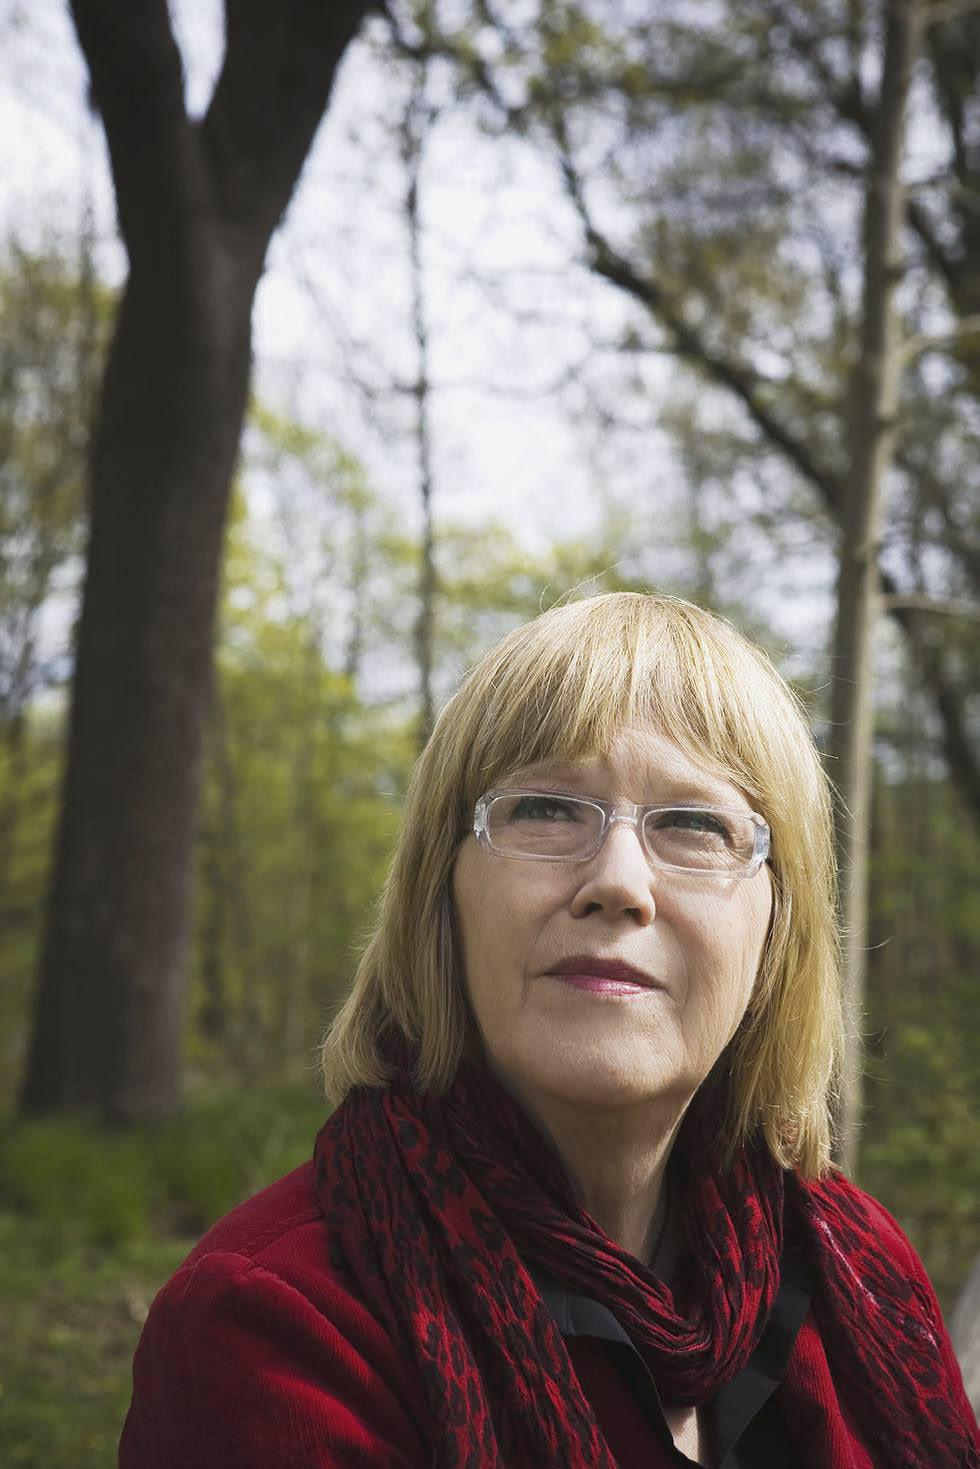 Susanne Björkman. Photographer: Snezana Vucetic Bohm